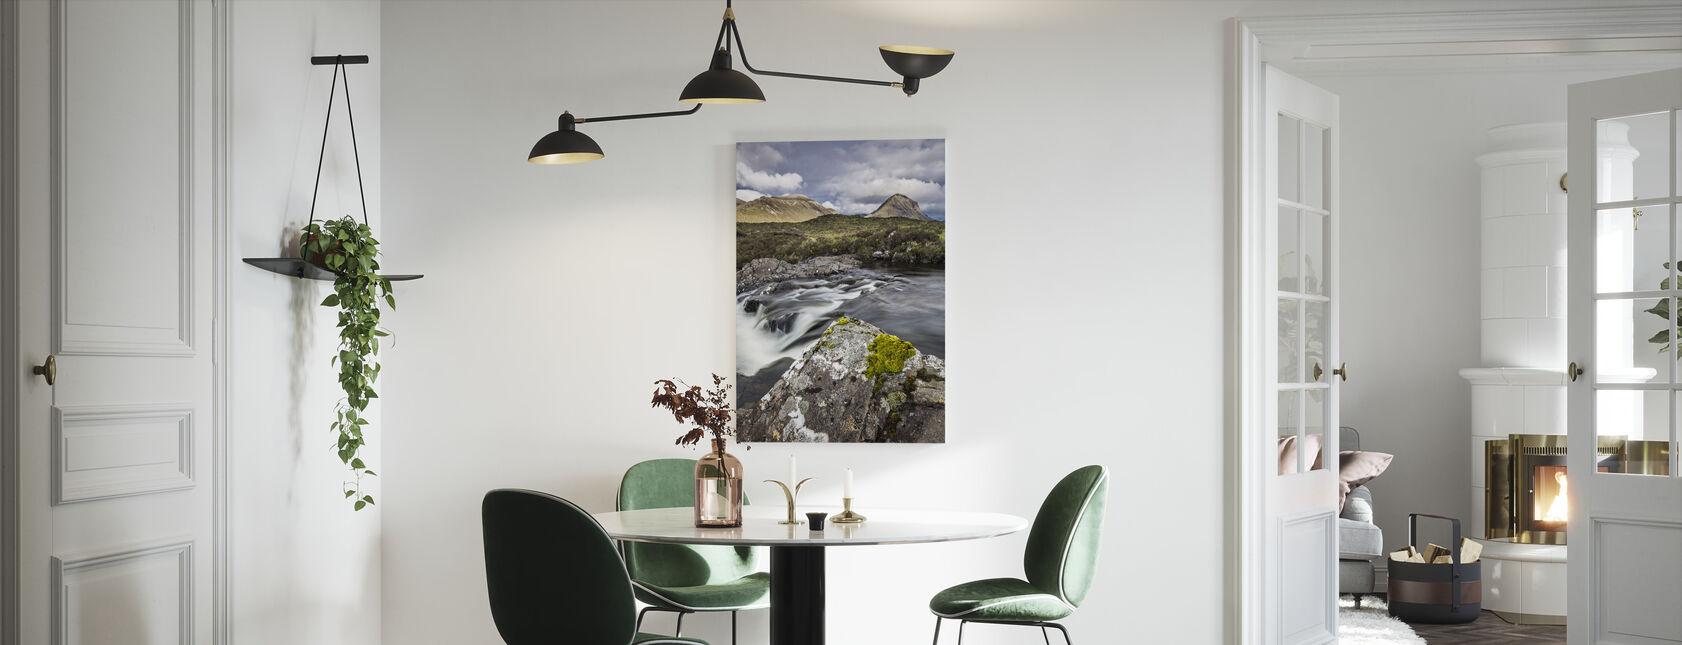 Vakkert landskap, Isle of Skye - Skottland - Lerretsbilde - Kjøkken